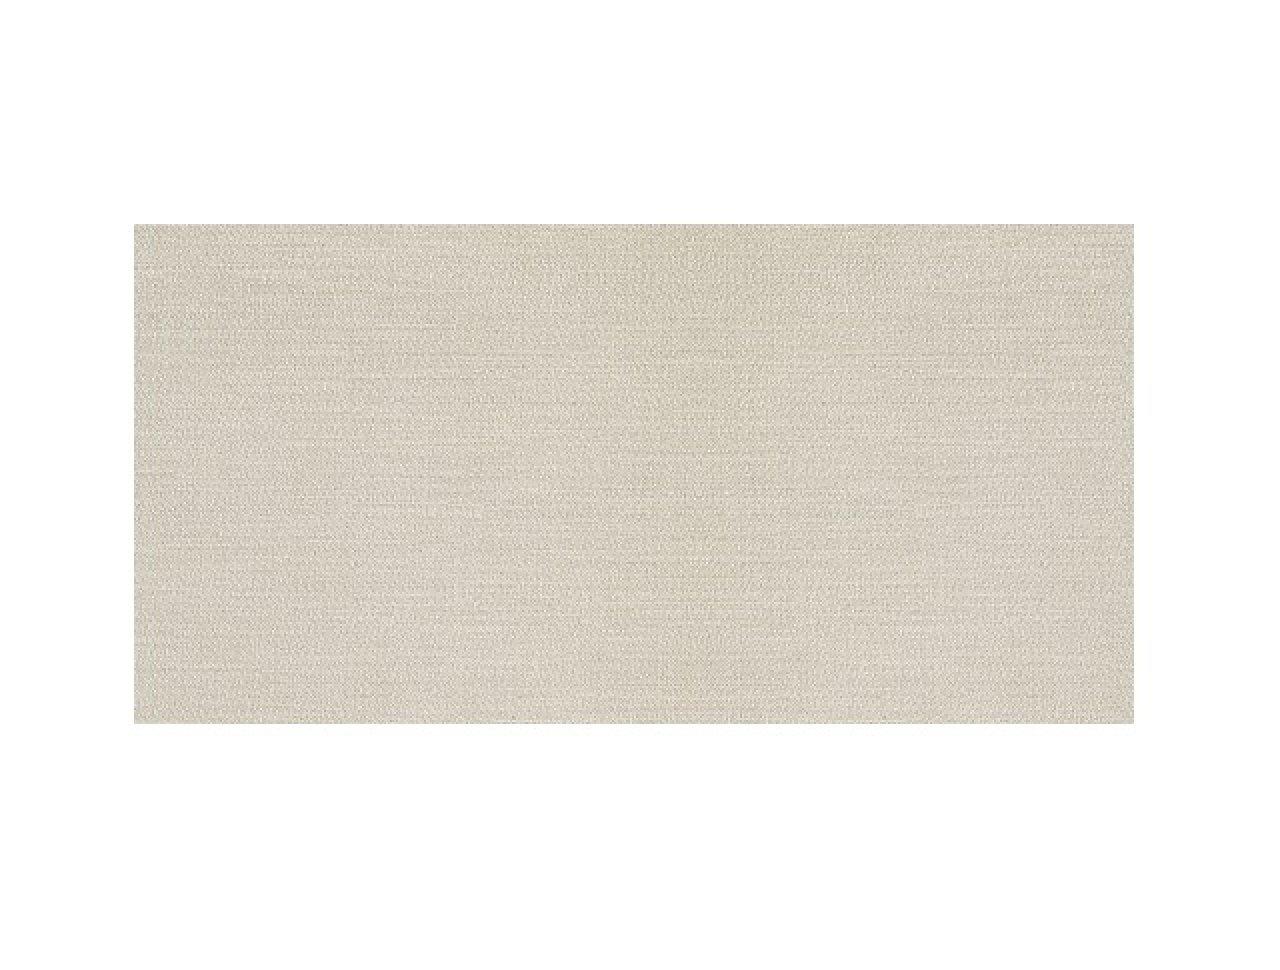 Настенная плитка Room Cord 40x80